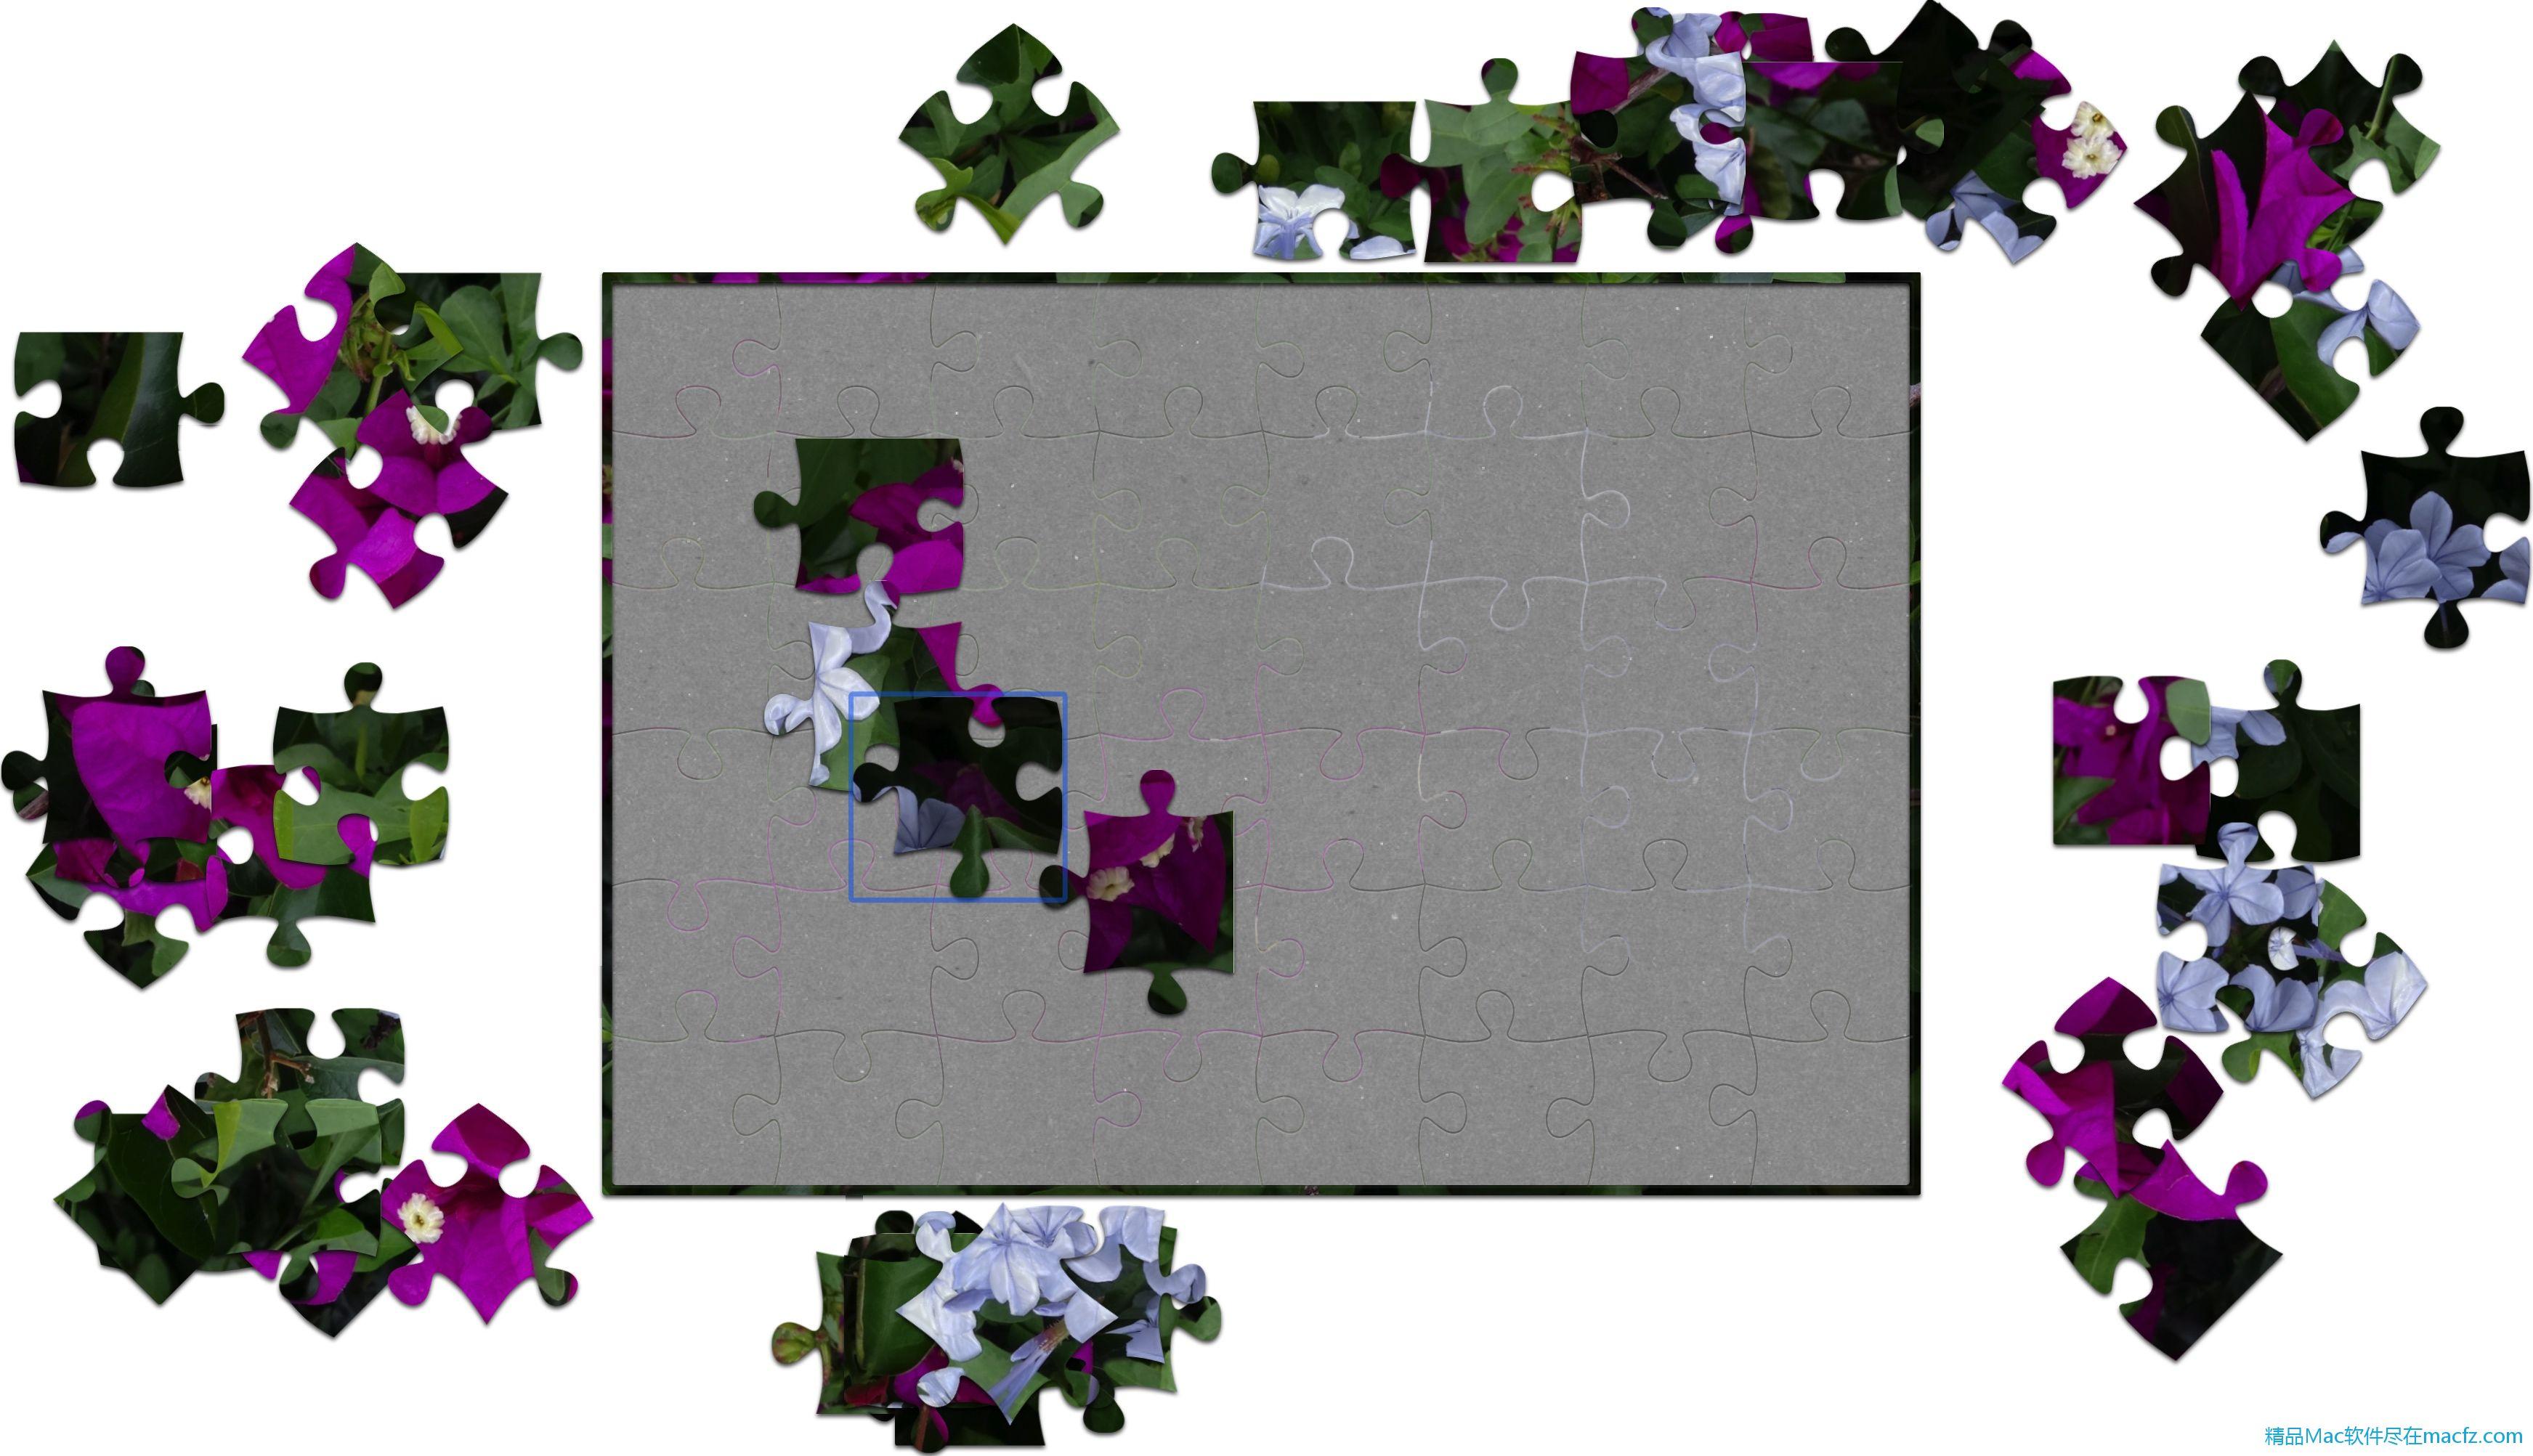 您的谜题可以与主谜题分开保存<br/>